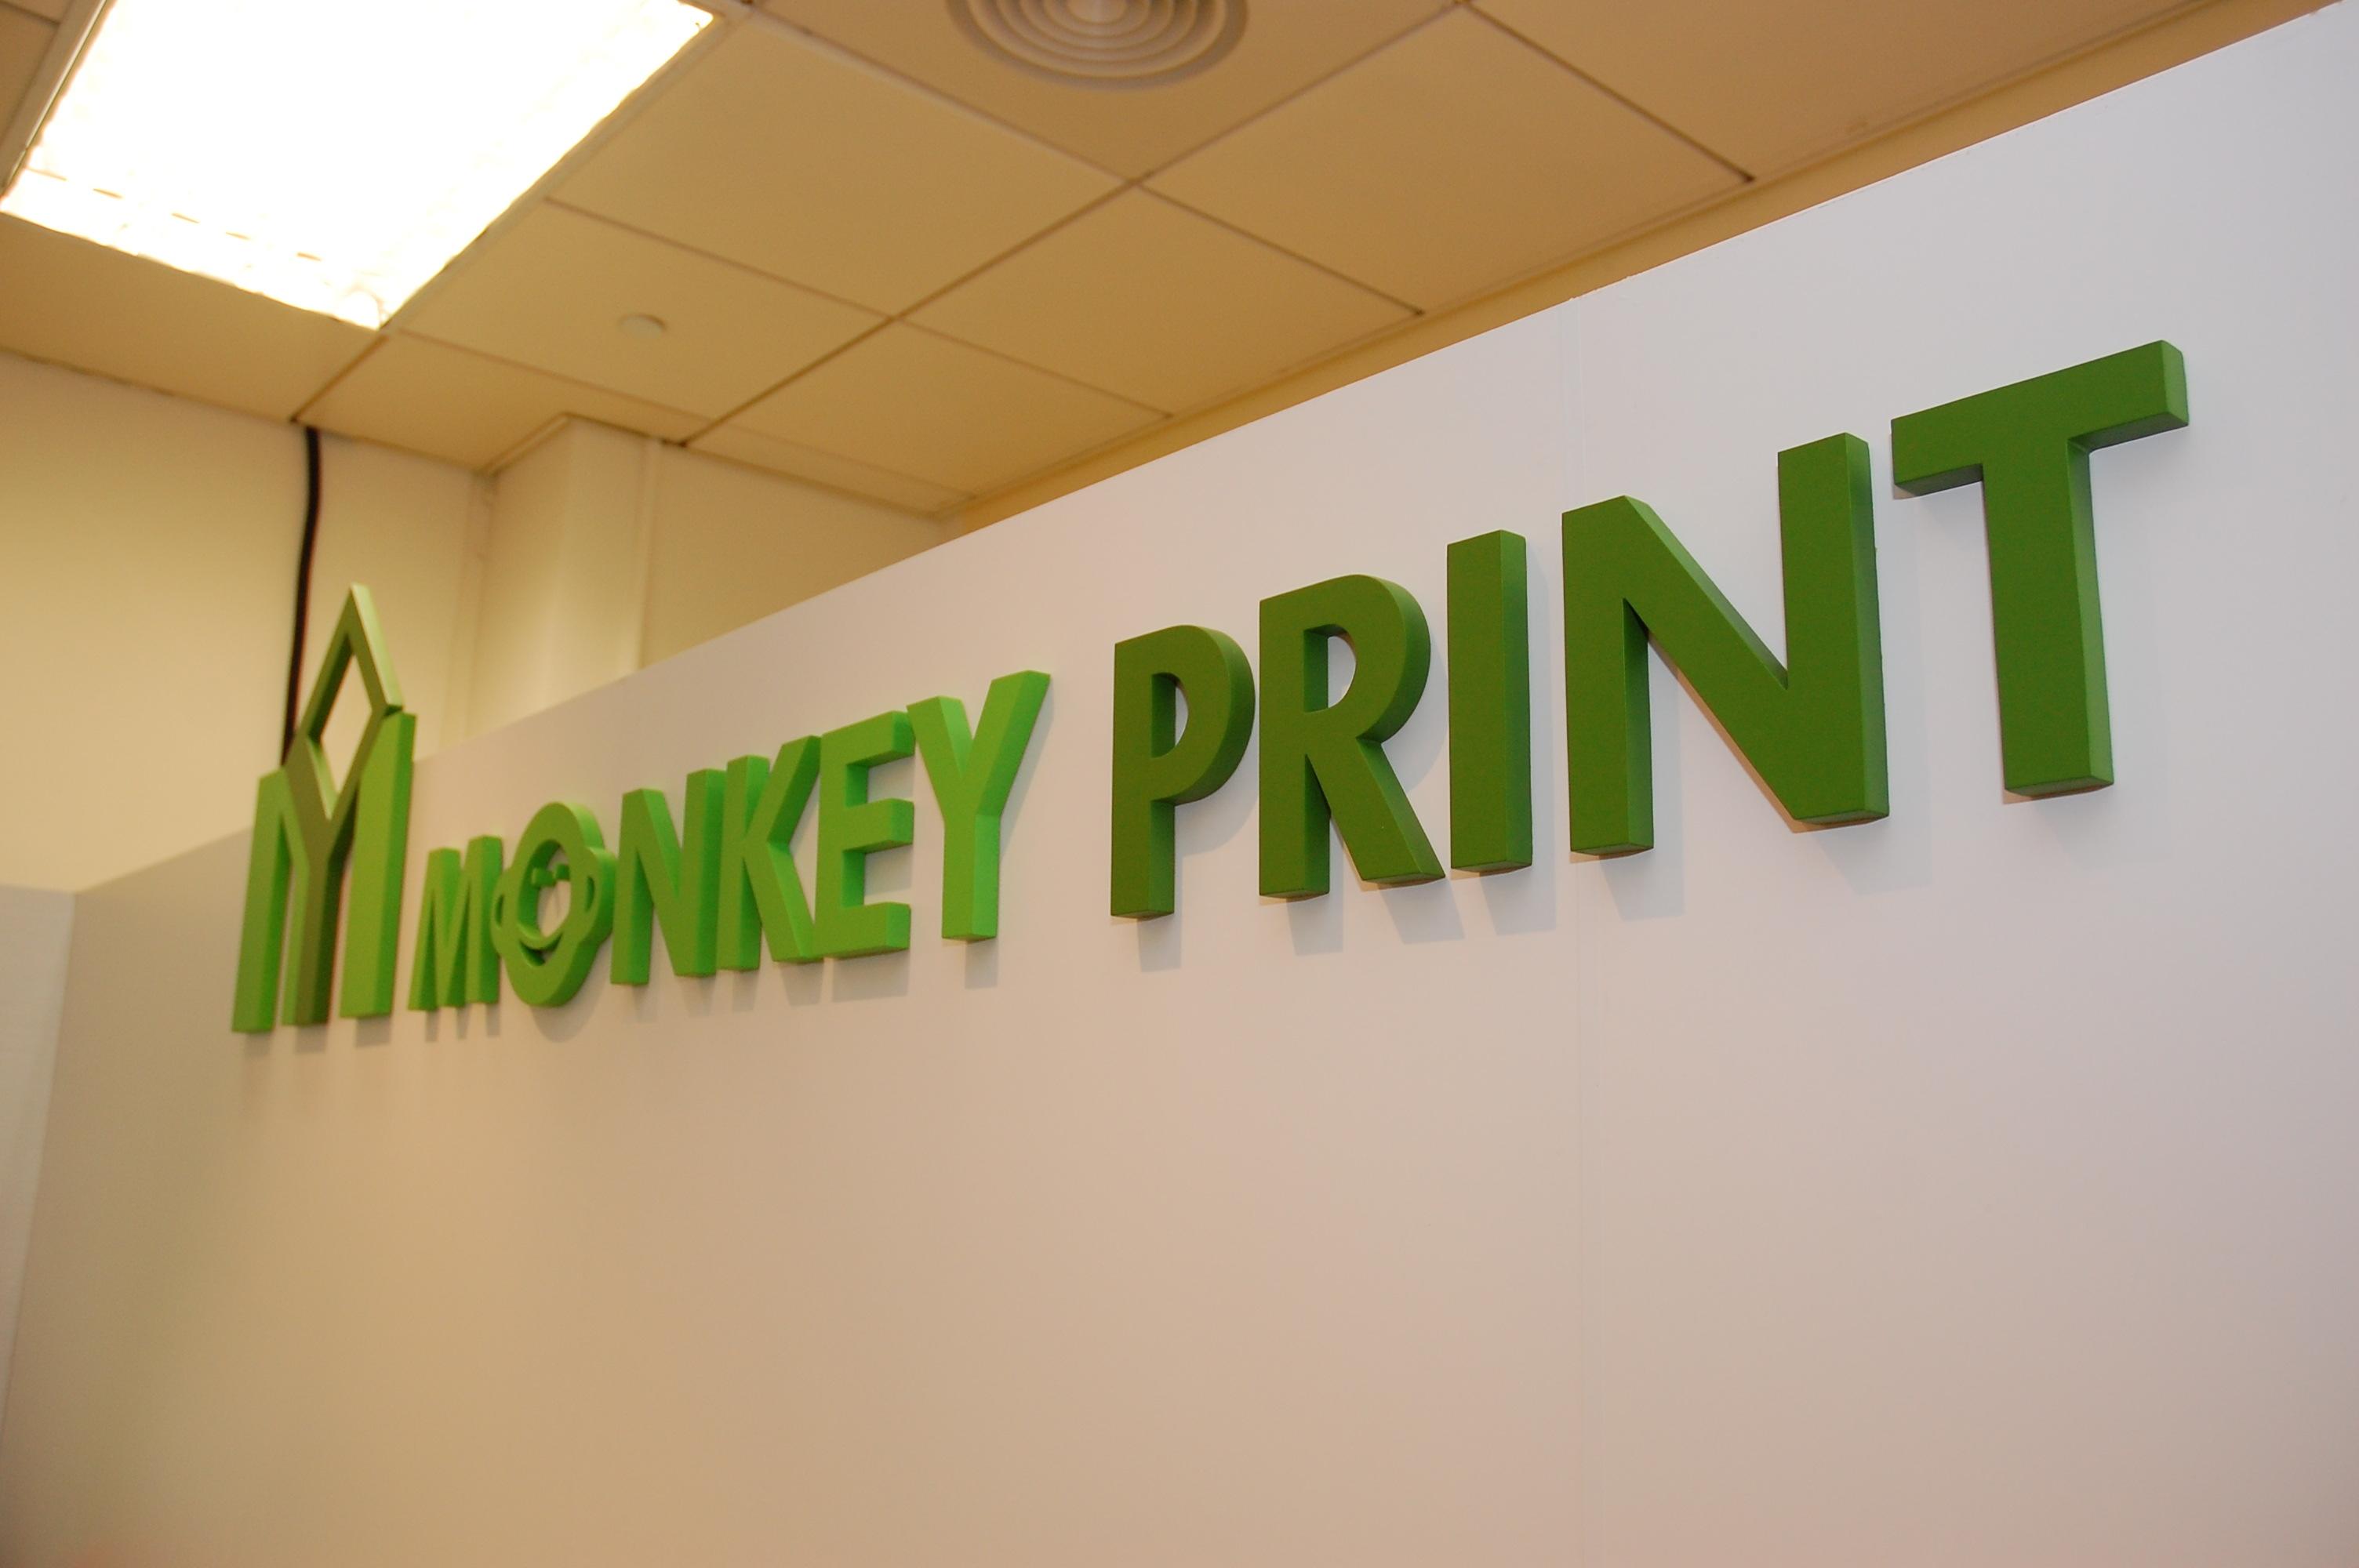 Monkey Print LOGO